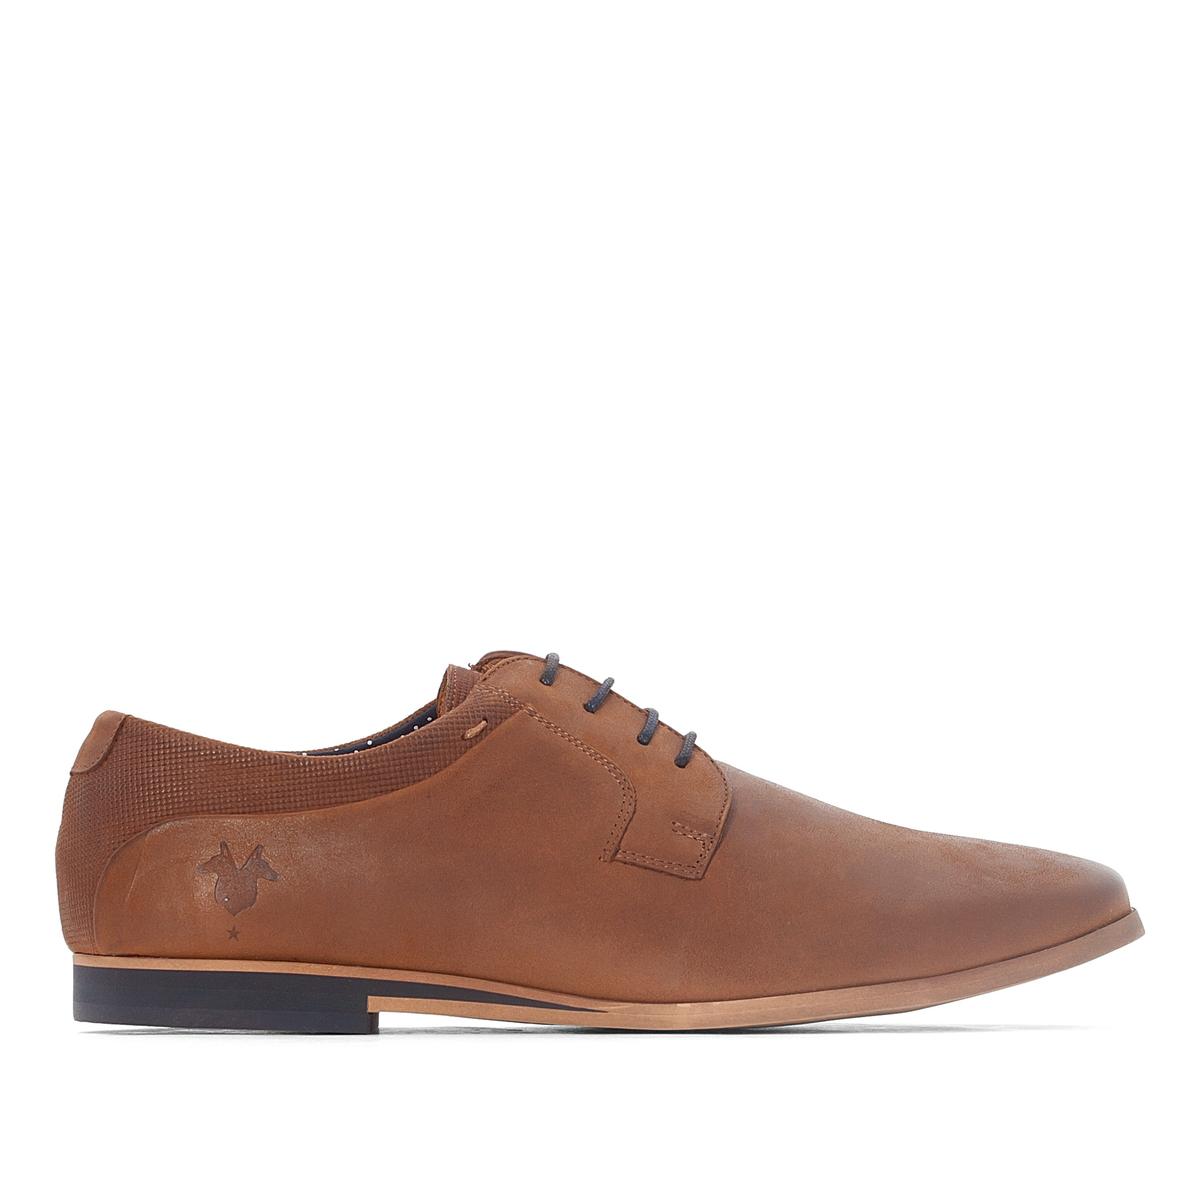 Ботинки-дерби кожаные Epia3Верх : кожа (яловичная)   Подкладка : кожа, полотно   Стелька : кожа   Подошва : эластомер   Застежка : шнуровка<br><br>Цвет: коньячный<br>Размер: 43